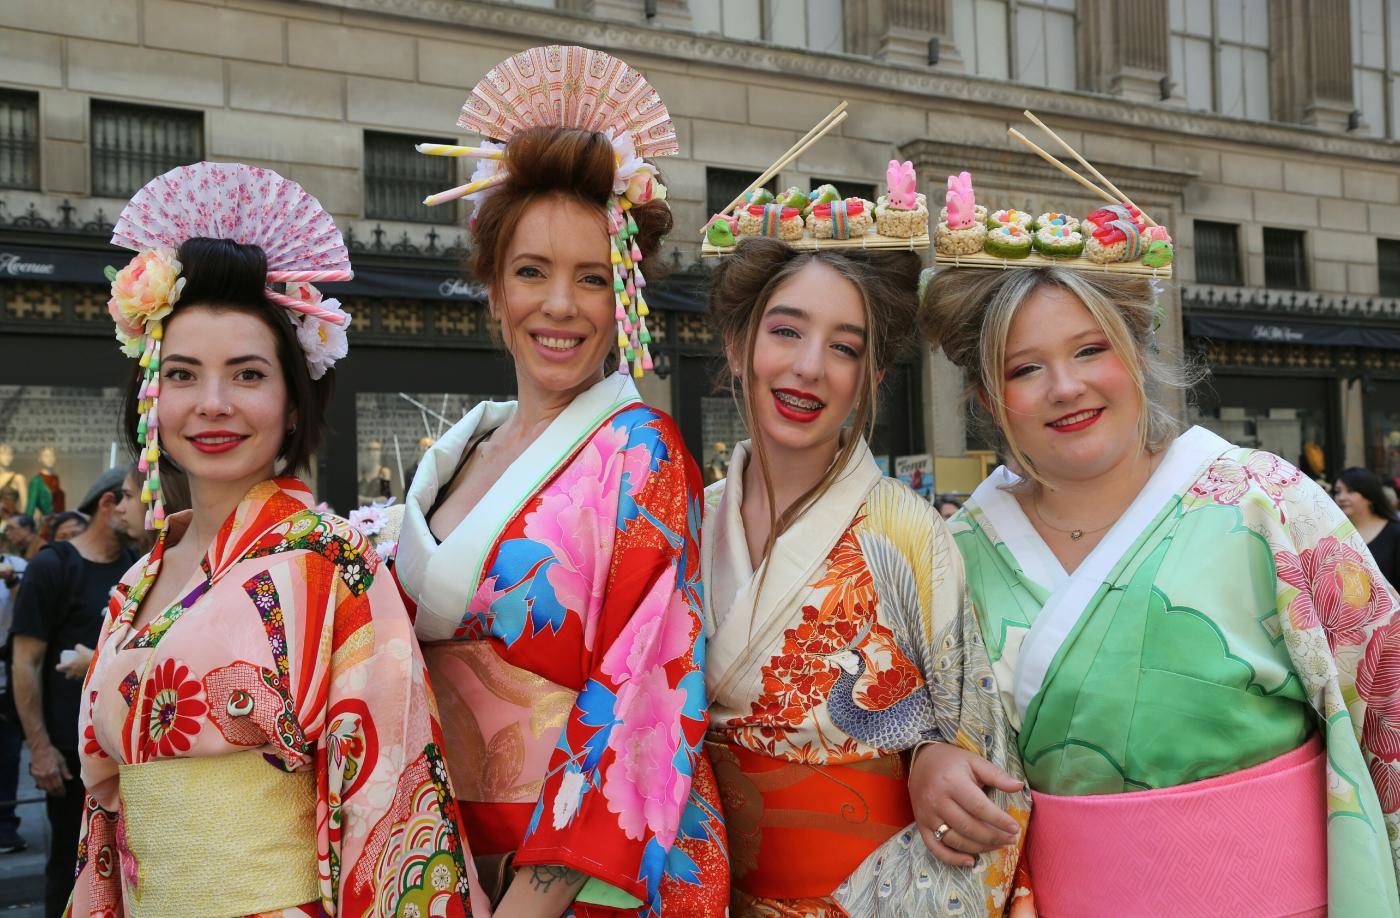 【田螺摄影】抓拍2017.4.16复活节派对_图1-15